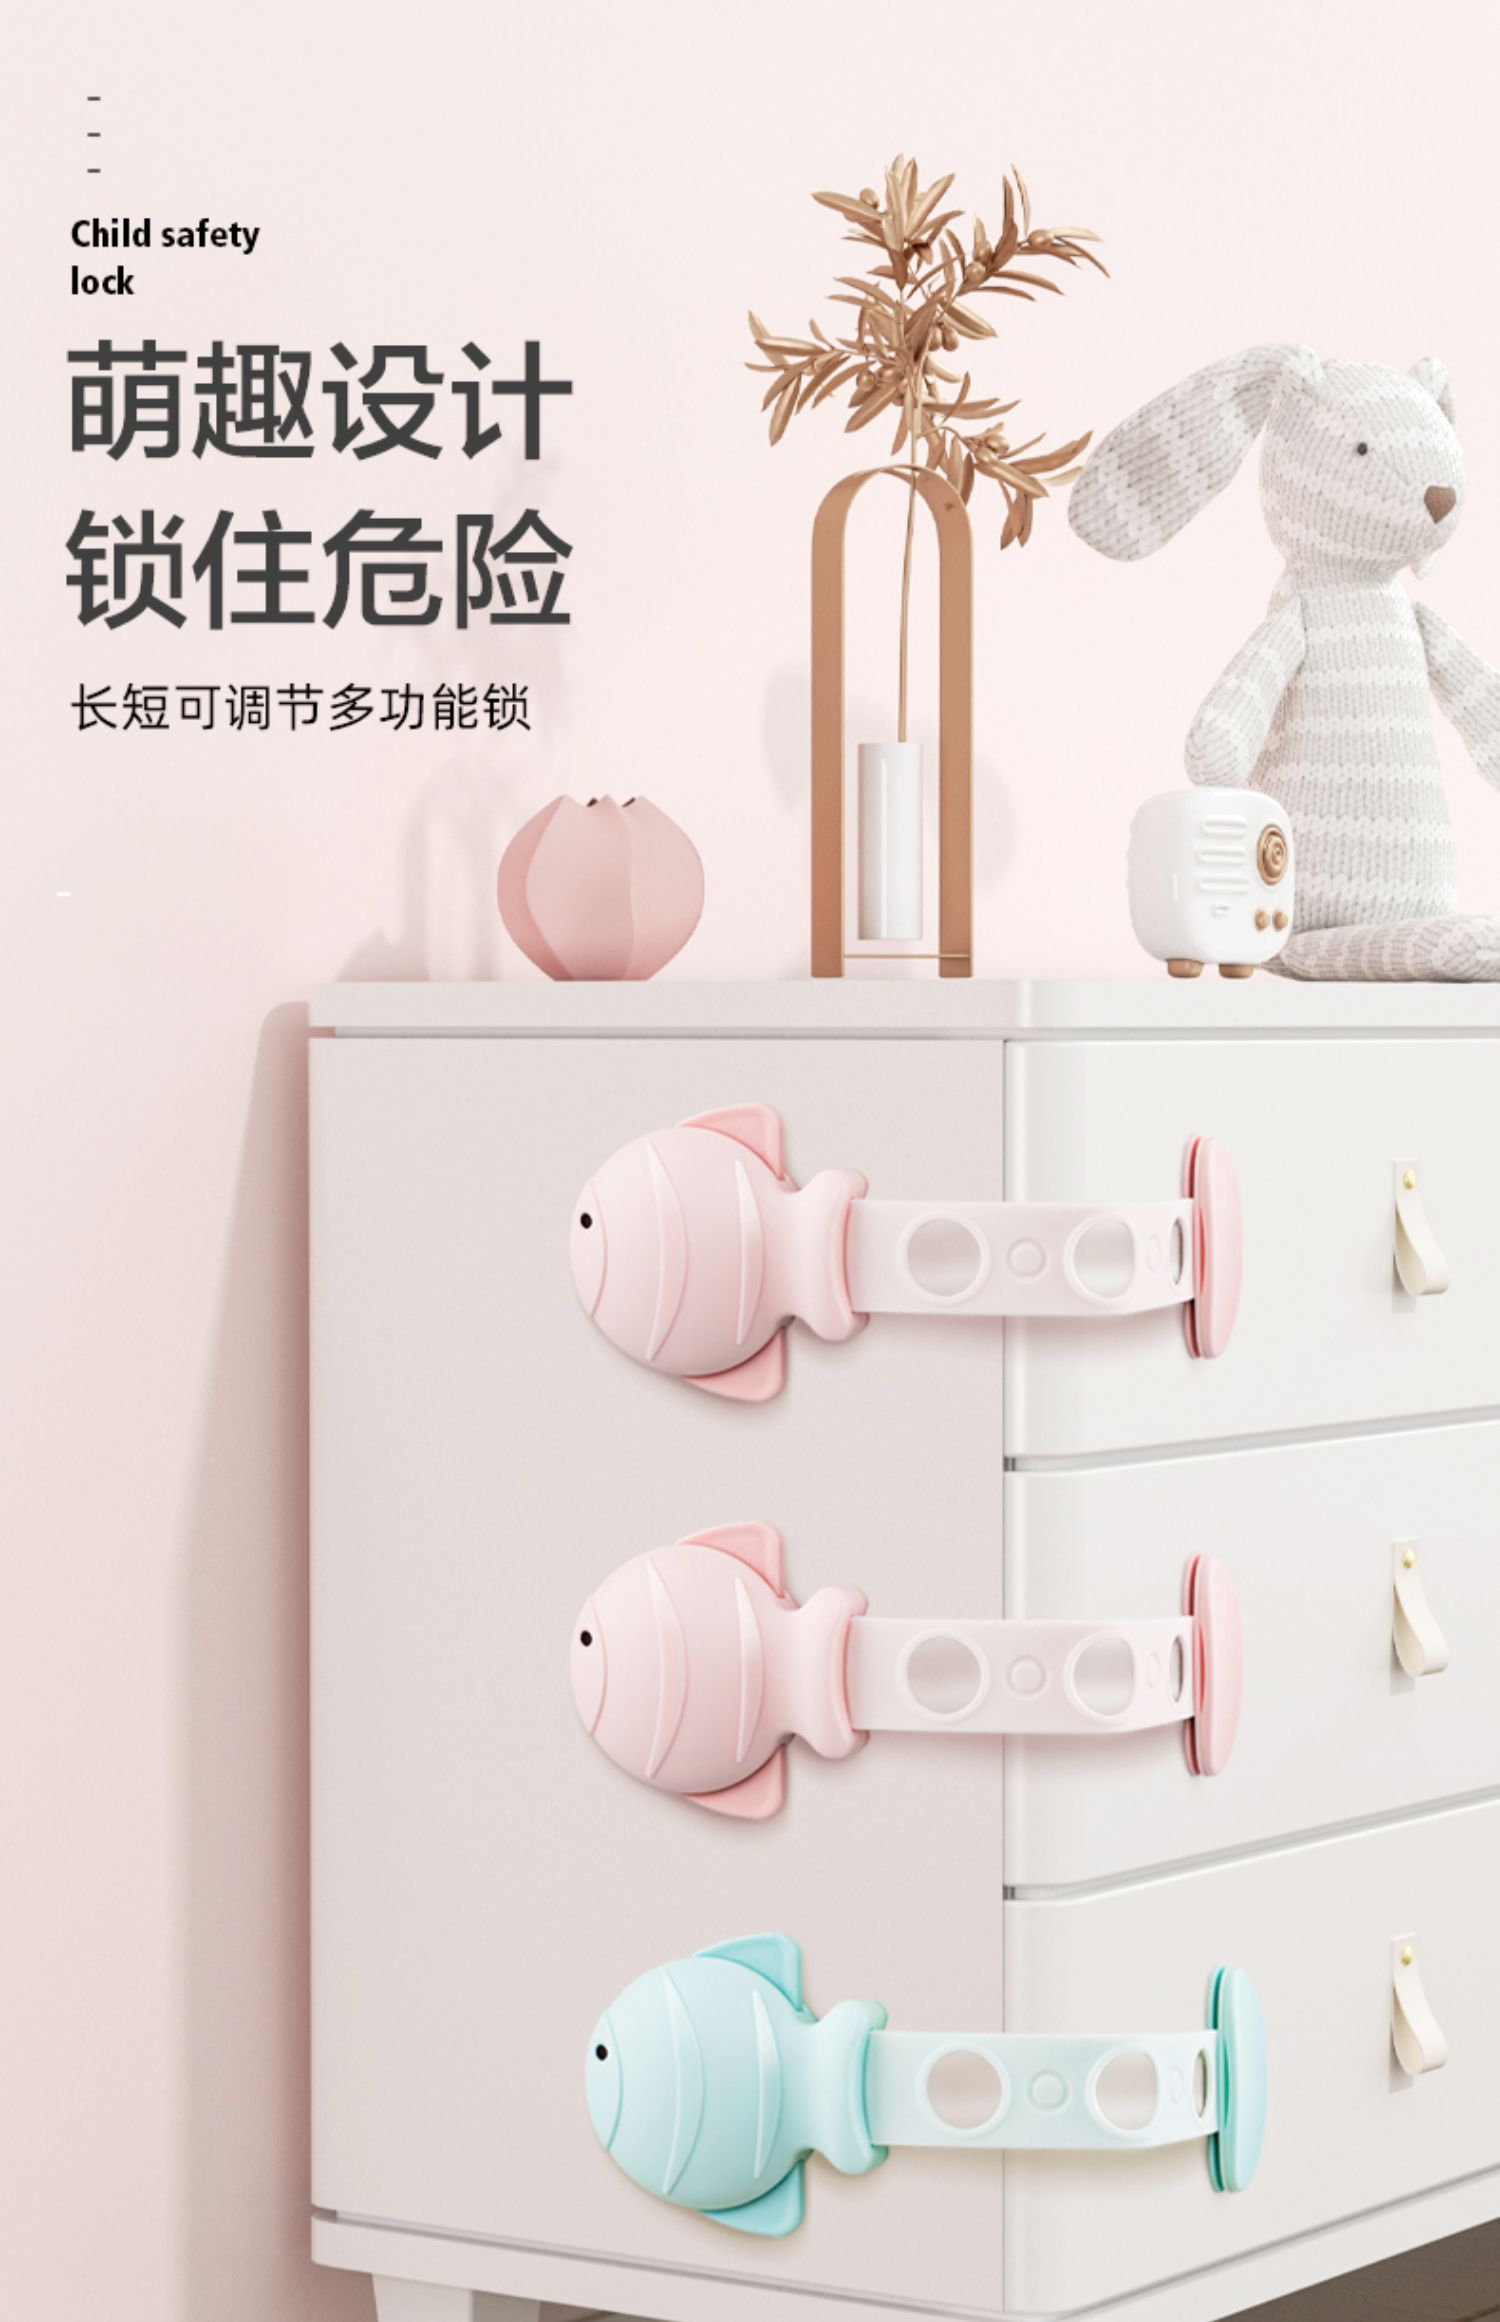 【4个装】宝宝抽屉冰箱防夹手安全锁